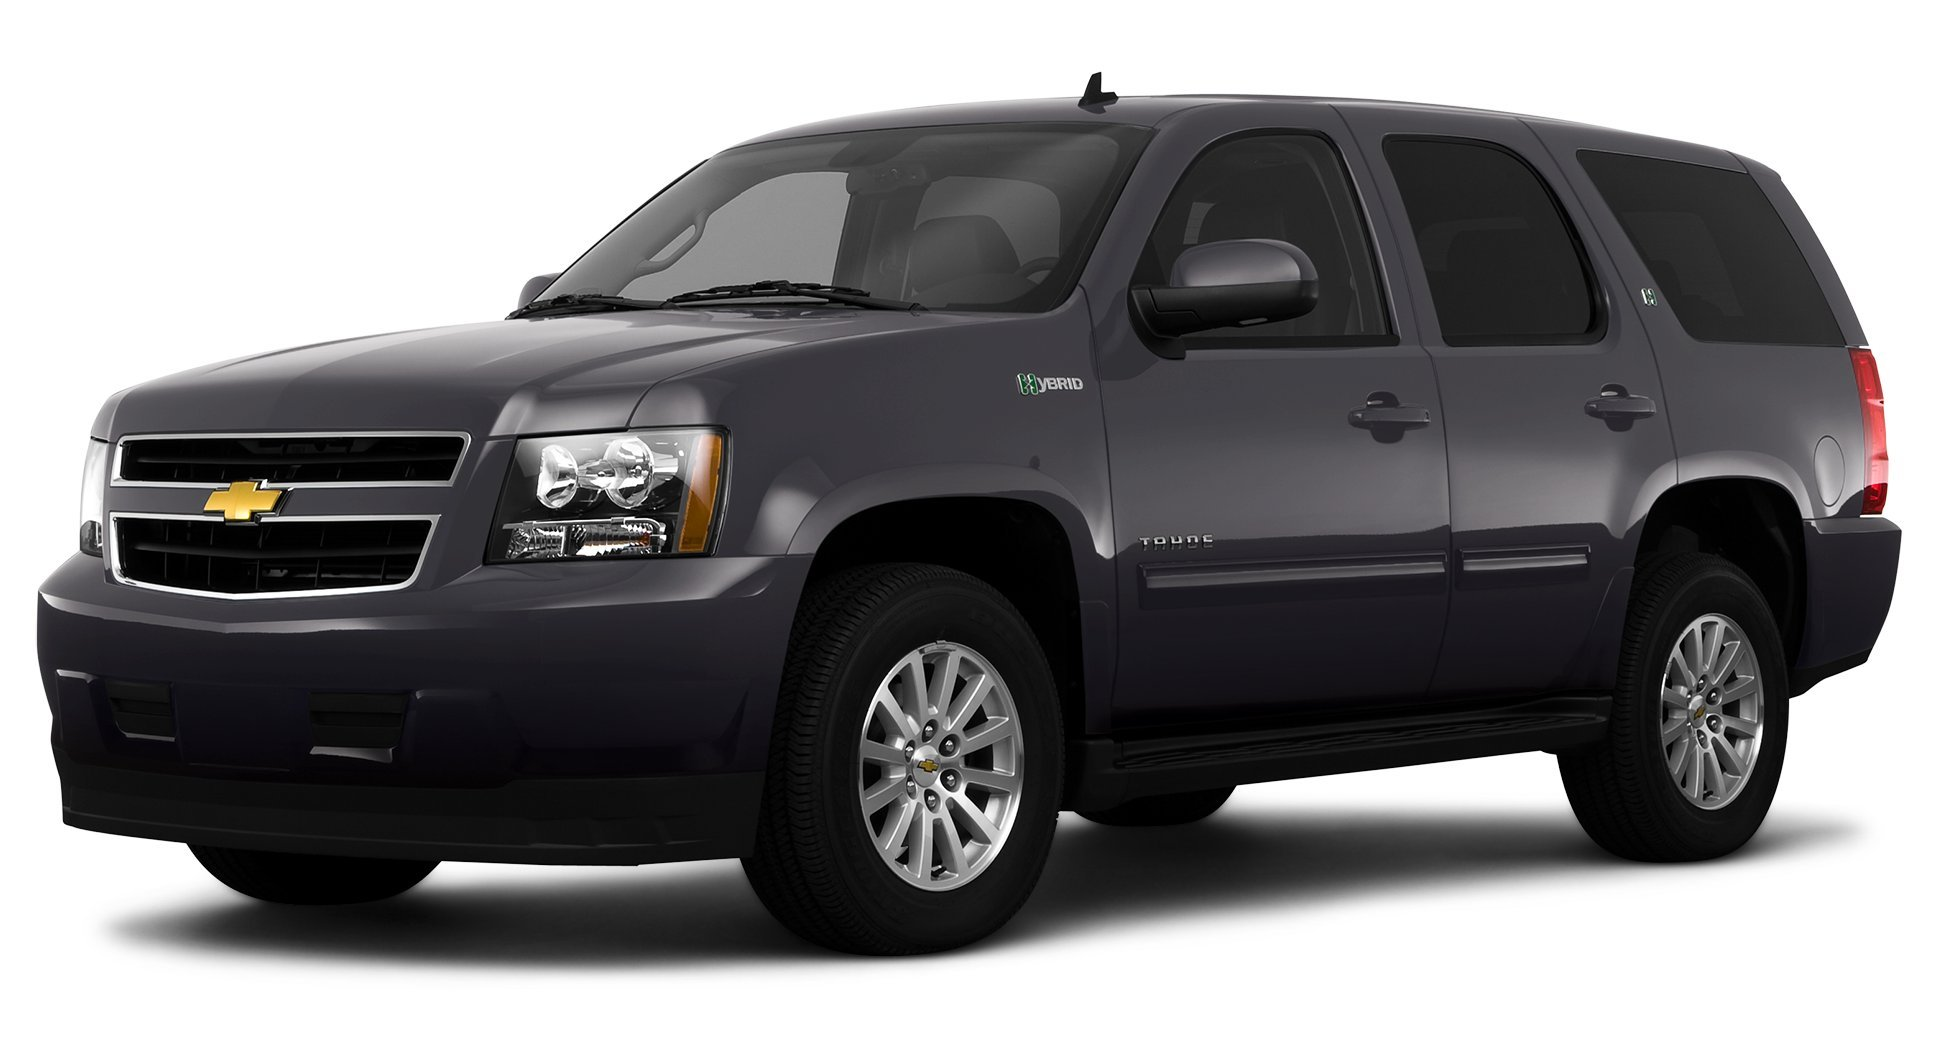 2010 Chevrolet Tahoe >> 2010 Chevrolet Tahoe 4 Wheel Drive 4 Door Taupe Gray Metallic